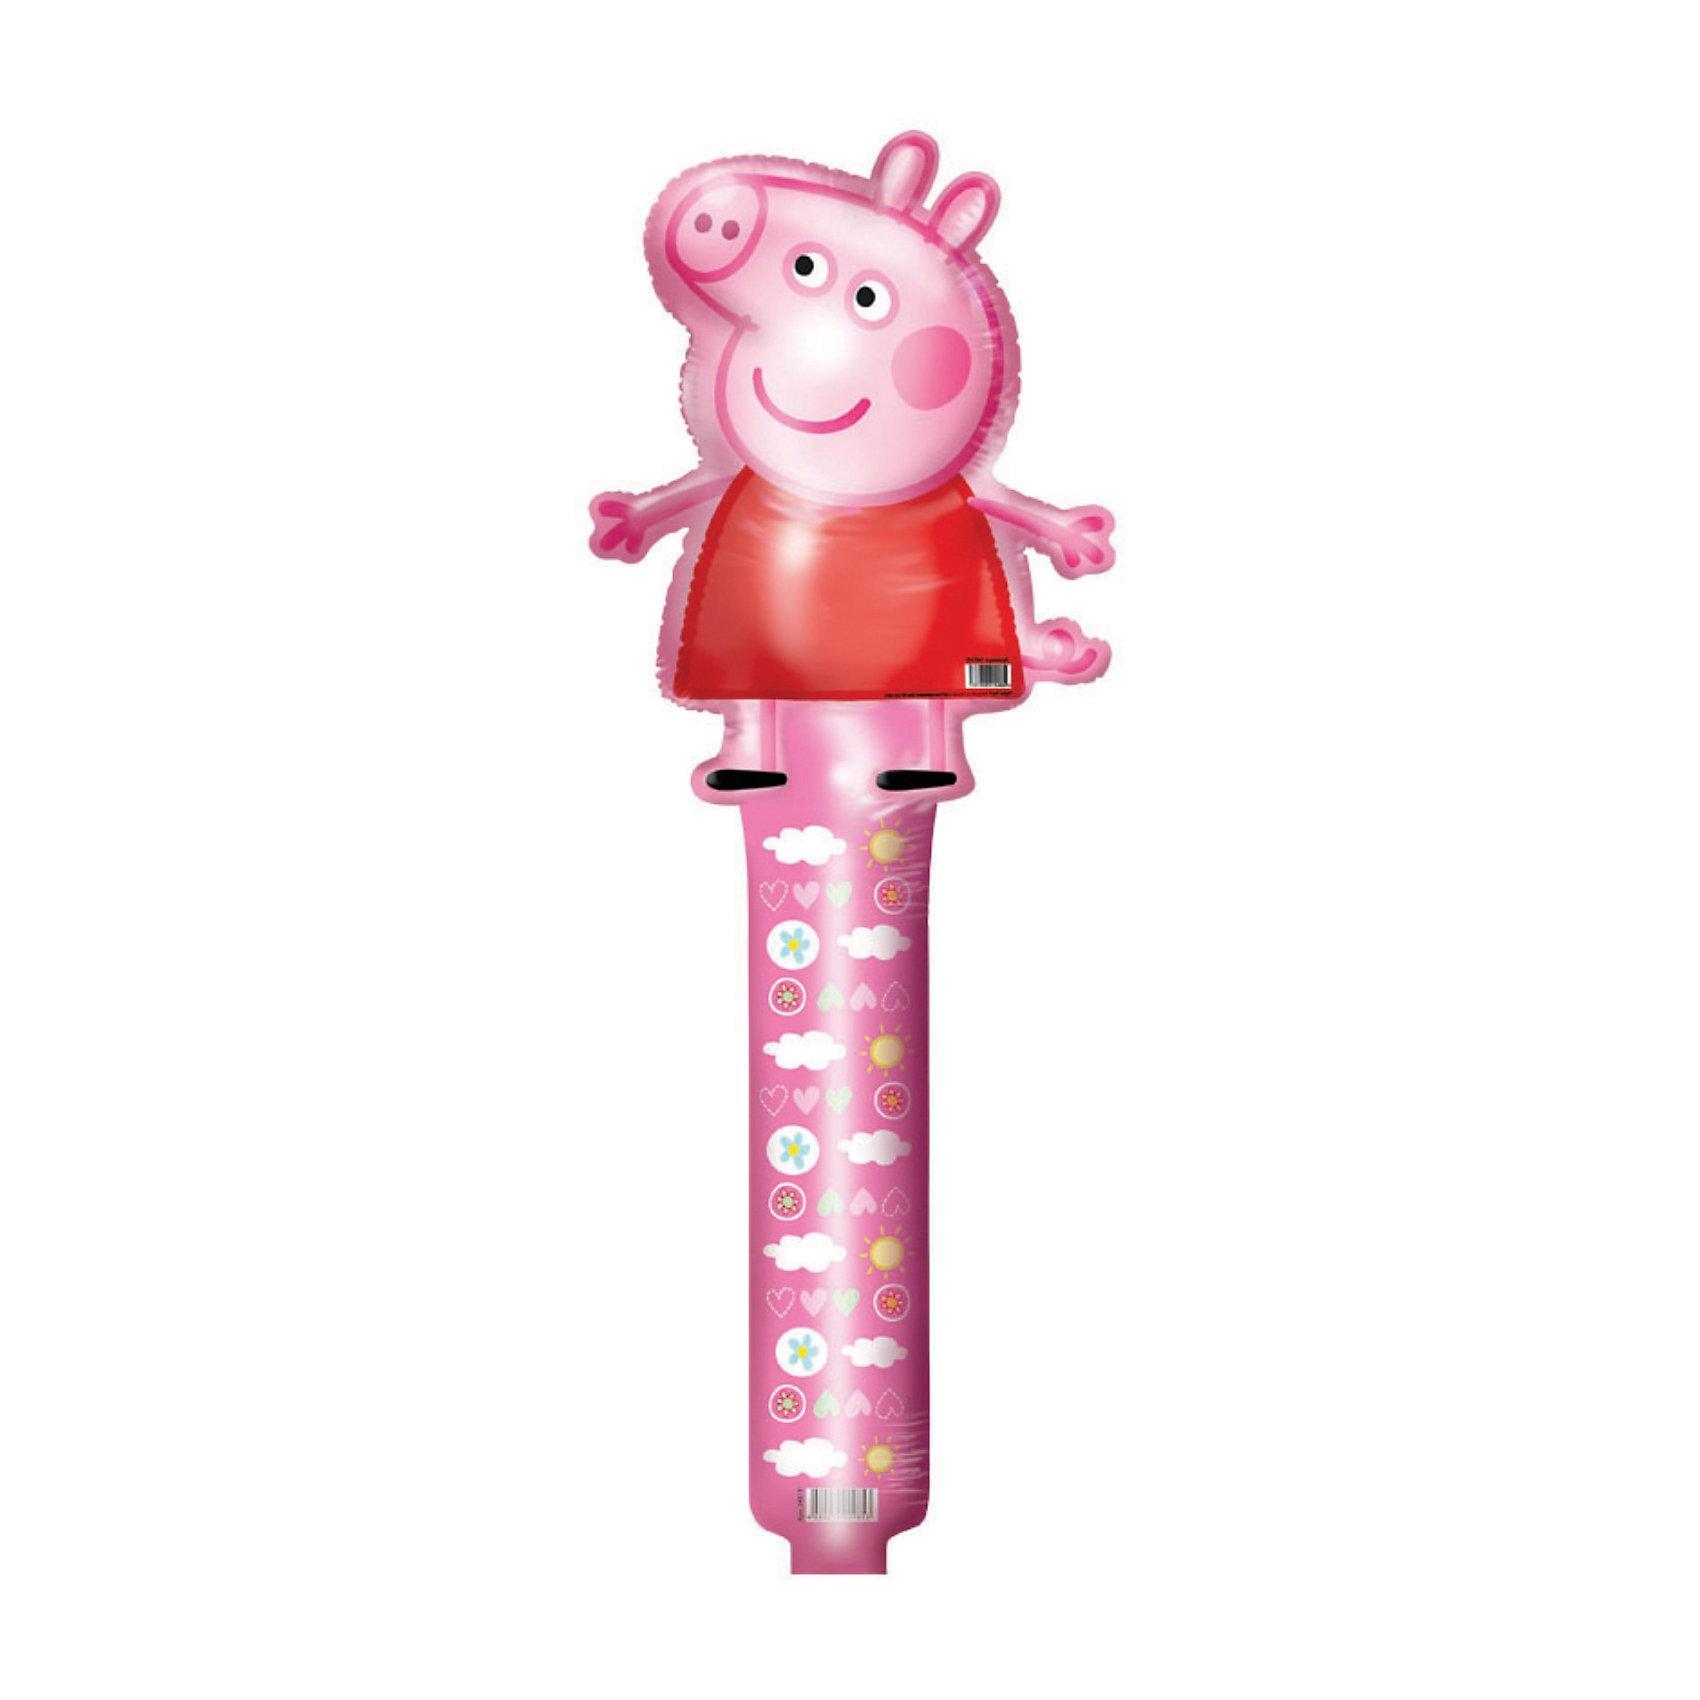 Шар фигурный Свинка ПеппаШар фигурный Свинка Пеппа станет замечательным украшением детского праздника и сделает его ярче и веселее. Красочный фольгированный шар выполнен в виде фигурки забавной свинки Пеппы, главной героини популярного мультсериала Свинка Пеппа (Peppa Pig). Игрушка изготовлена из миларовой пленки, гелий для надувания не требуется, поставляется не надутой.<br><br>Дополнительная информация:<br><br>- Материал: миларовая пленка.<br>- Размер шара: 66 см.<br>- Вес: 12 гр.<br><br>Шар фигурный Свинка Пеппа можно купить в нашем интернет-магазине.<br><br>Ширина мм: 100<br>Глубина мм: 10<br>Высота мм: 100<br>Вес г: 12<br>Возраст от месяцев: 36<br>Возраст до месяцев: 96<br>Пол: Унисекс<br>Возраст: Детский<br>SKU: 3907725